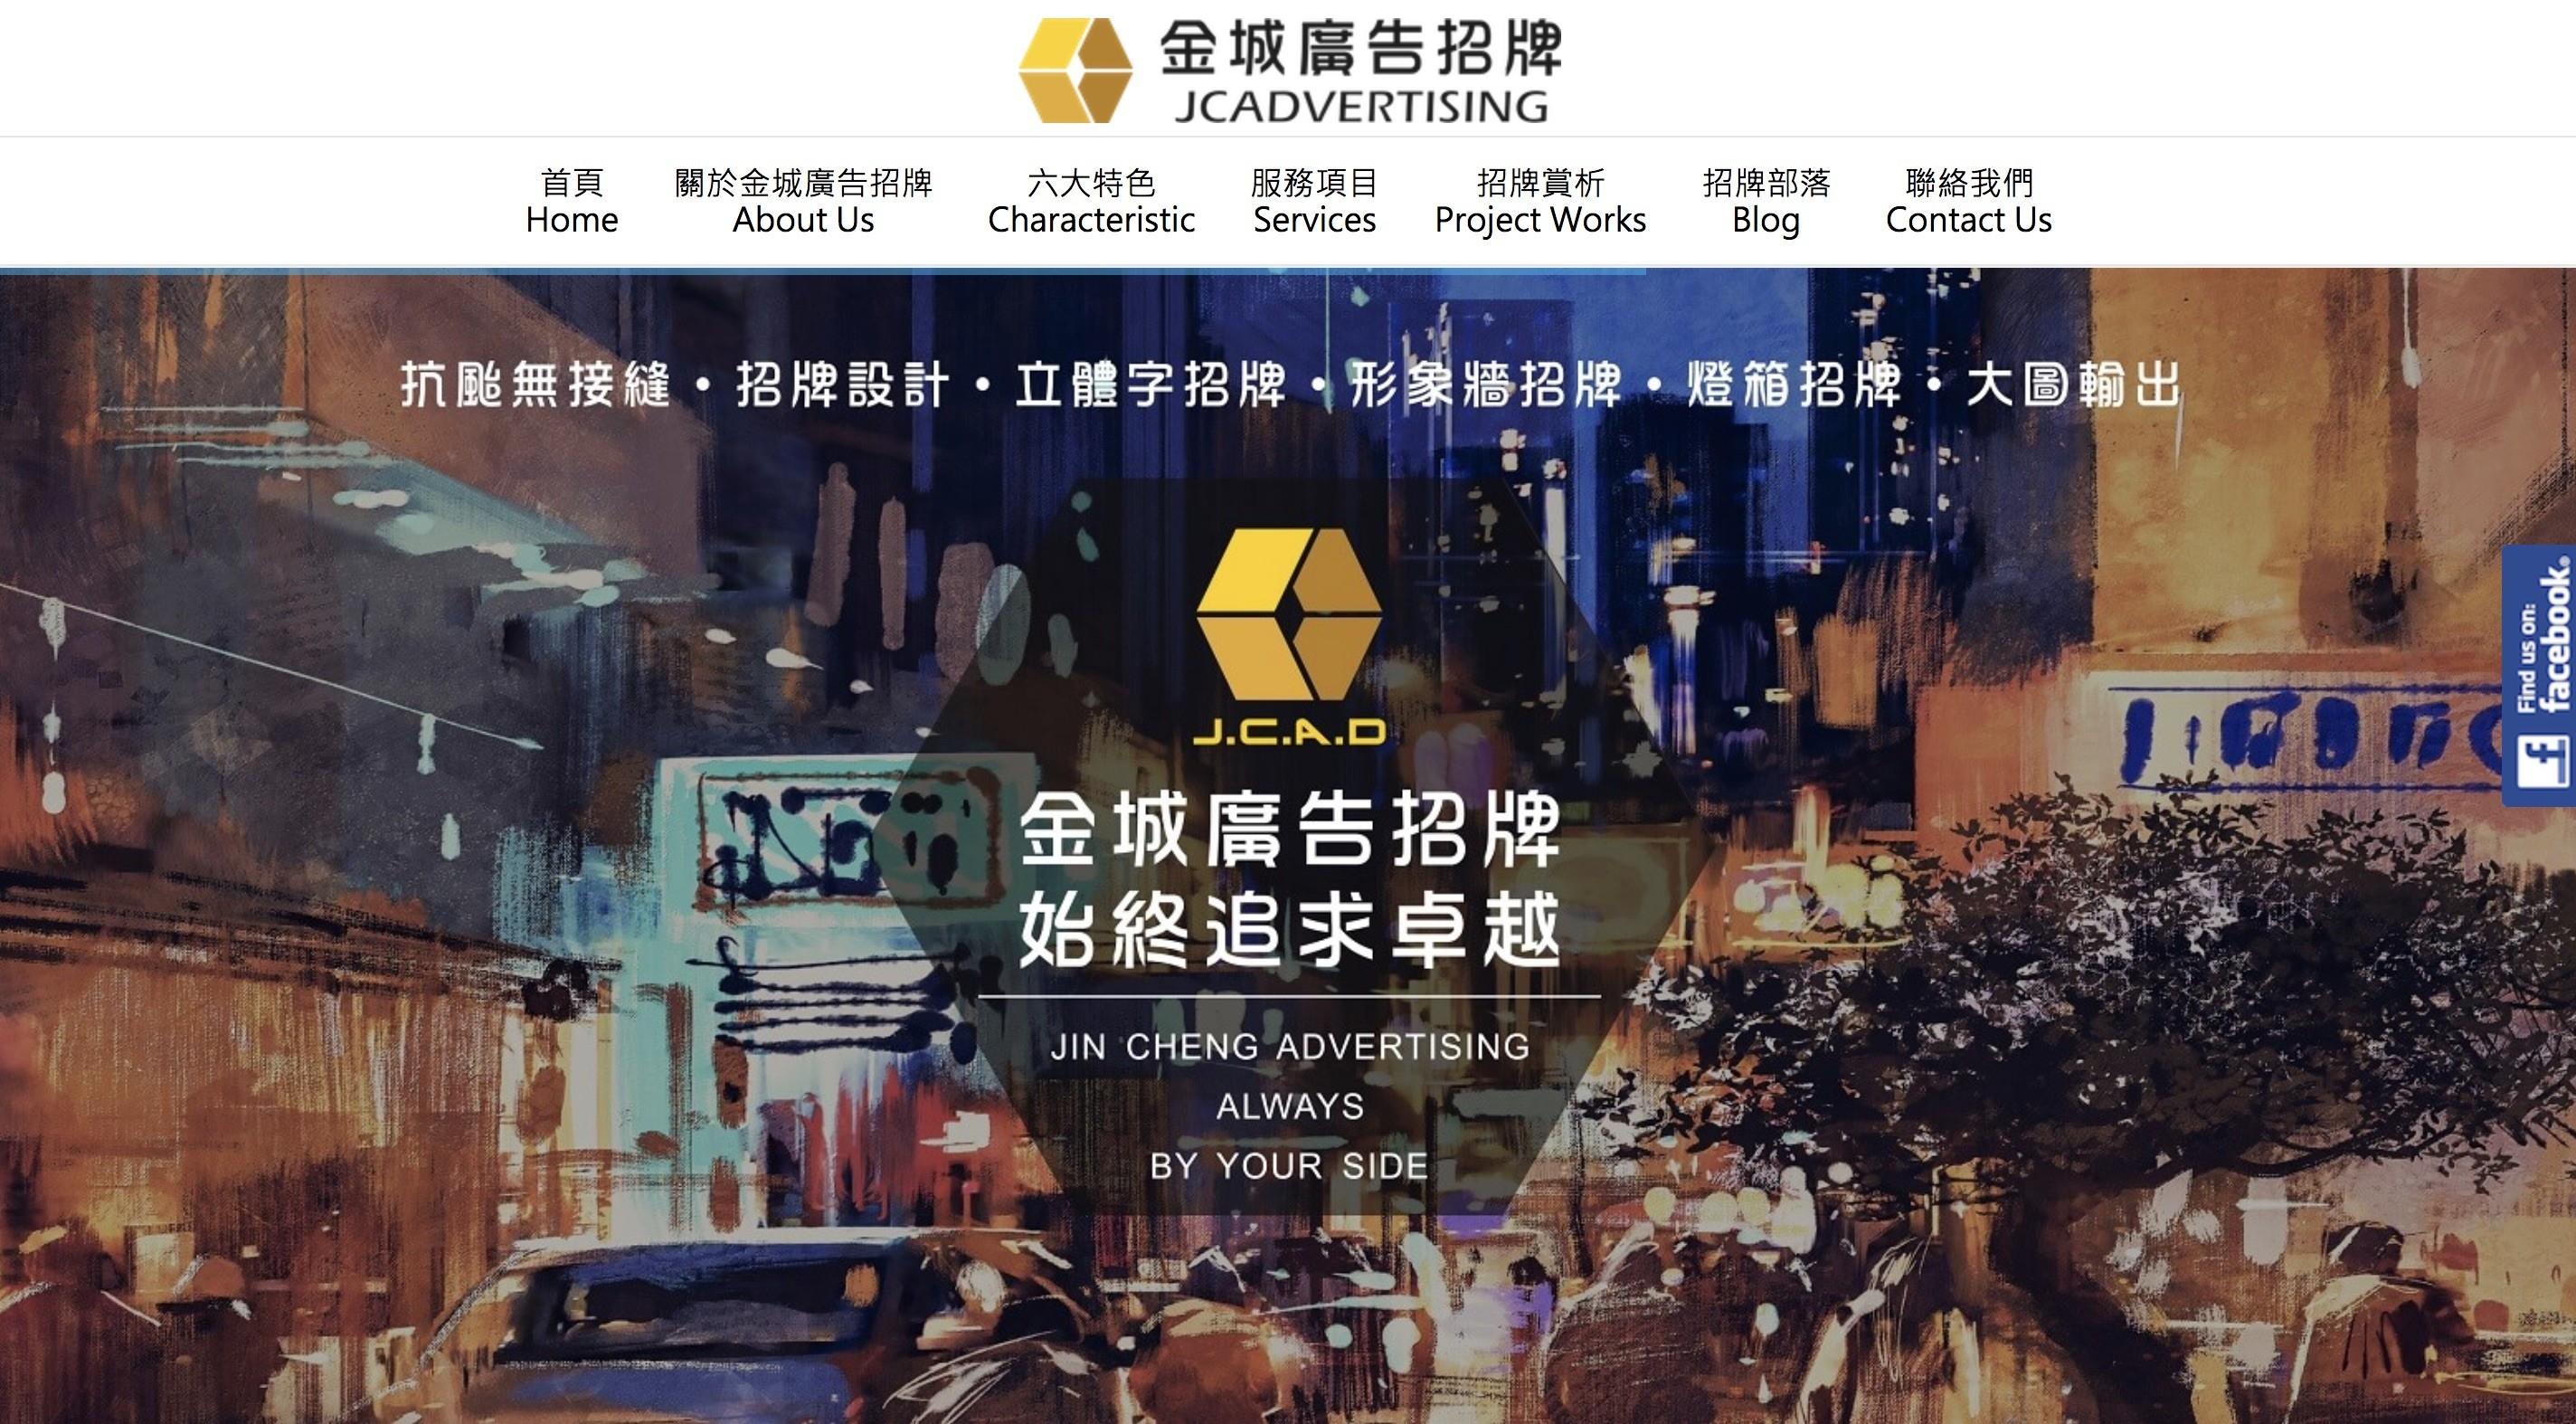 煞客科技SEO網站優化成功案例-金城廣告招牌